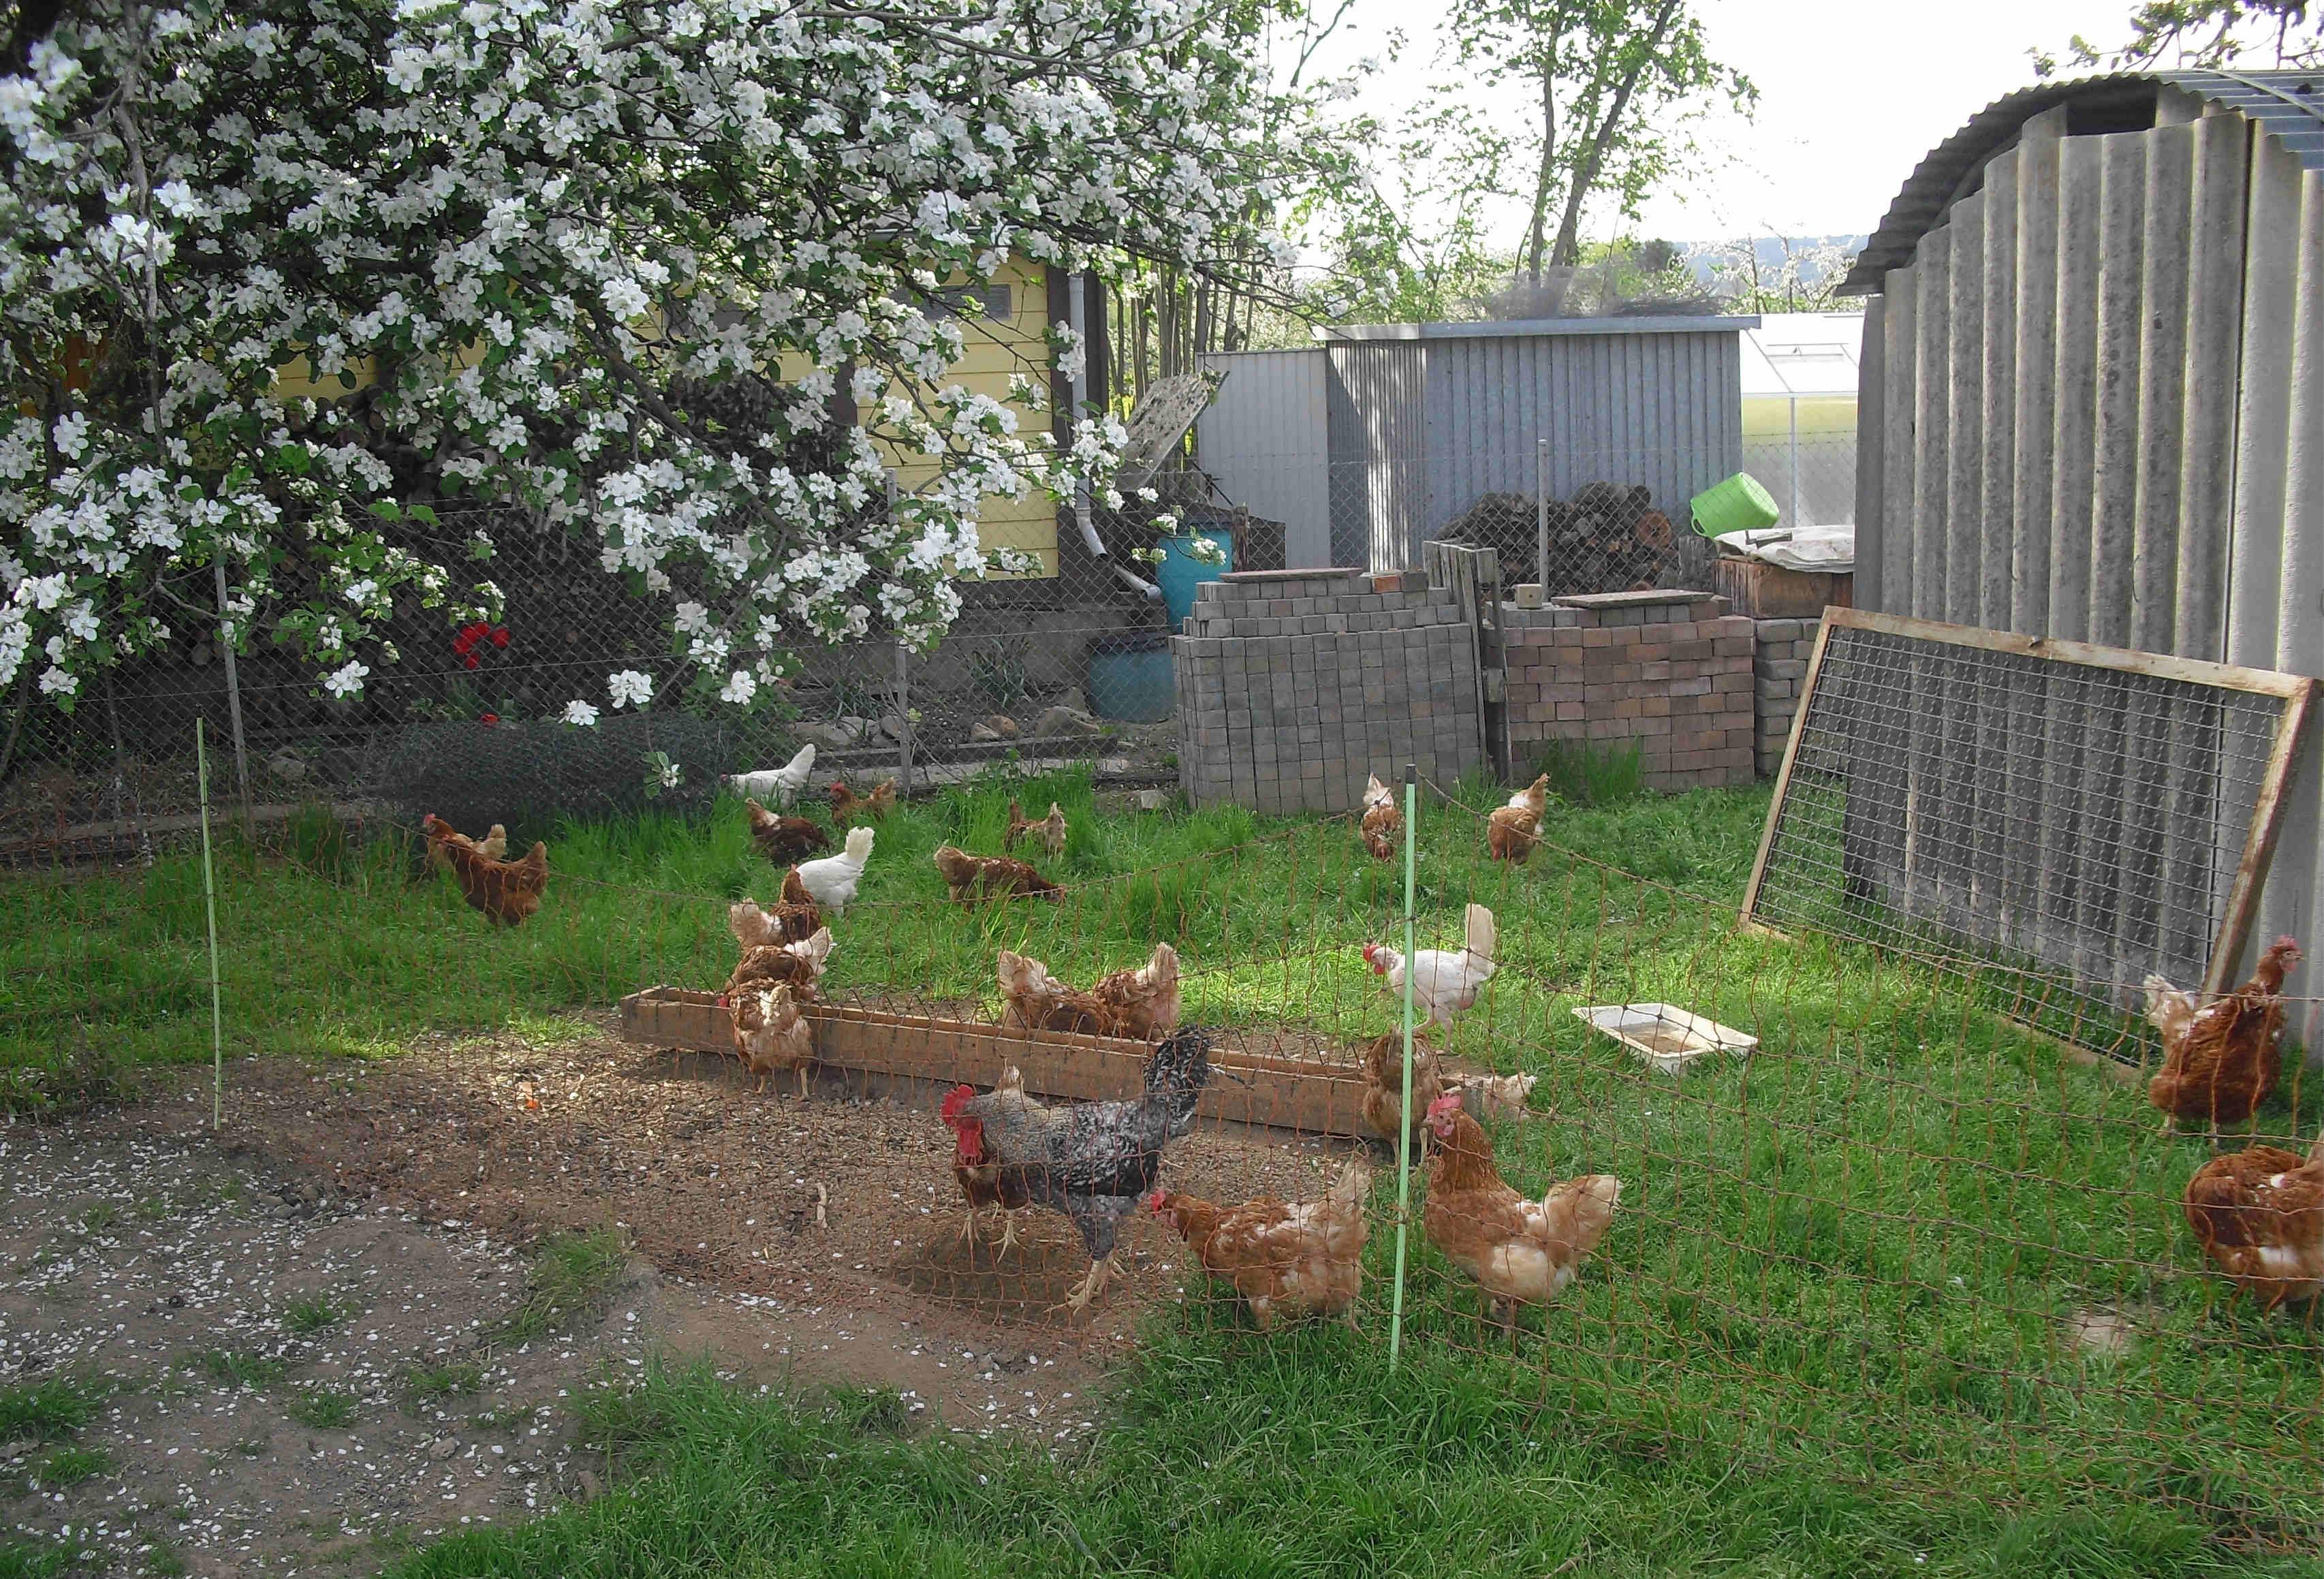 Die Hühner stehen bereit, die Freilauf-Weisen mit den Gänsen zu teilen